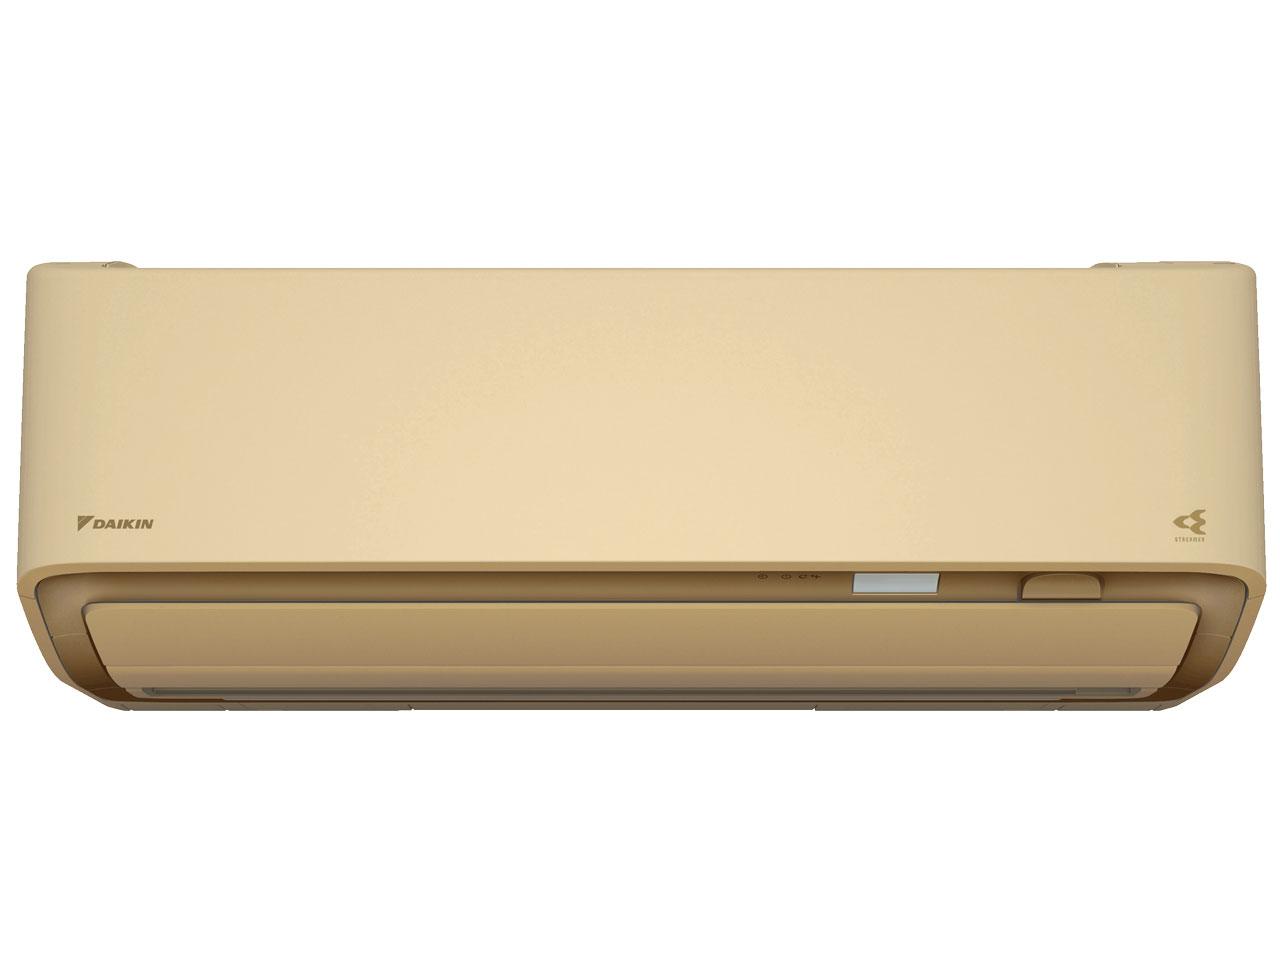 ダイキン 19年モデル うるさら7 RXシリーズ S28WTRXS-C 【100V用】10畳用冷暖房除湿エアコン